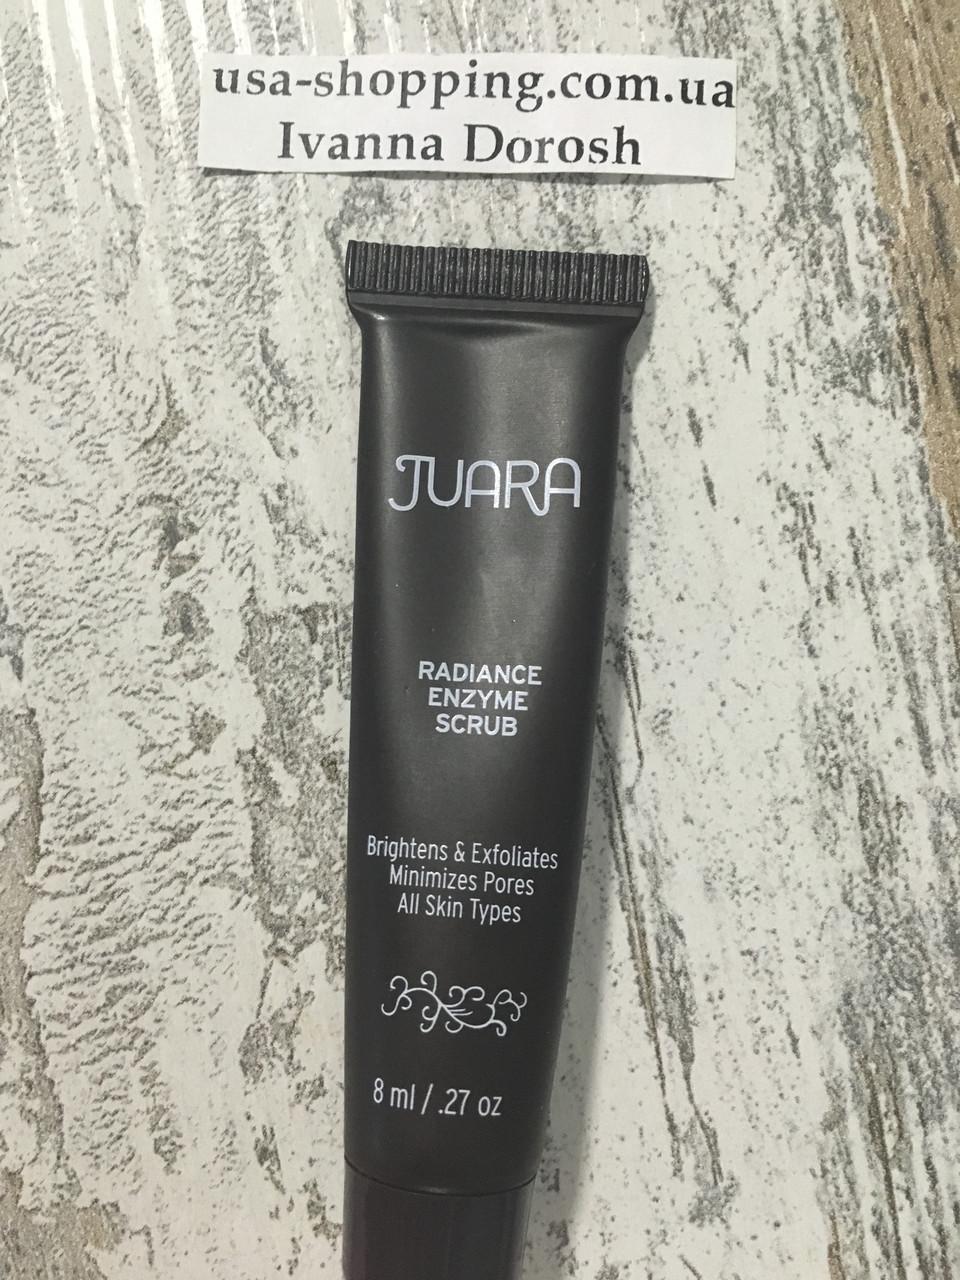 Скраб с энзимами JUARA для сияния кожи лица